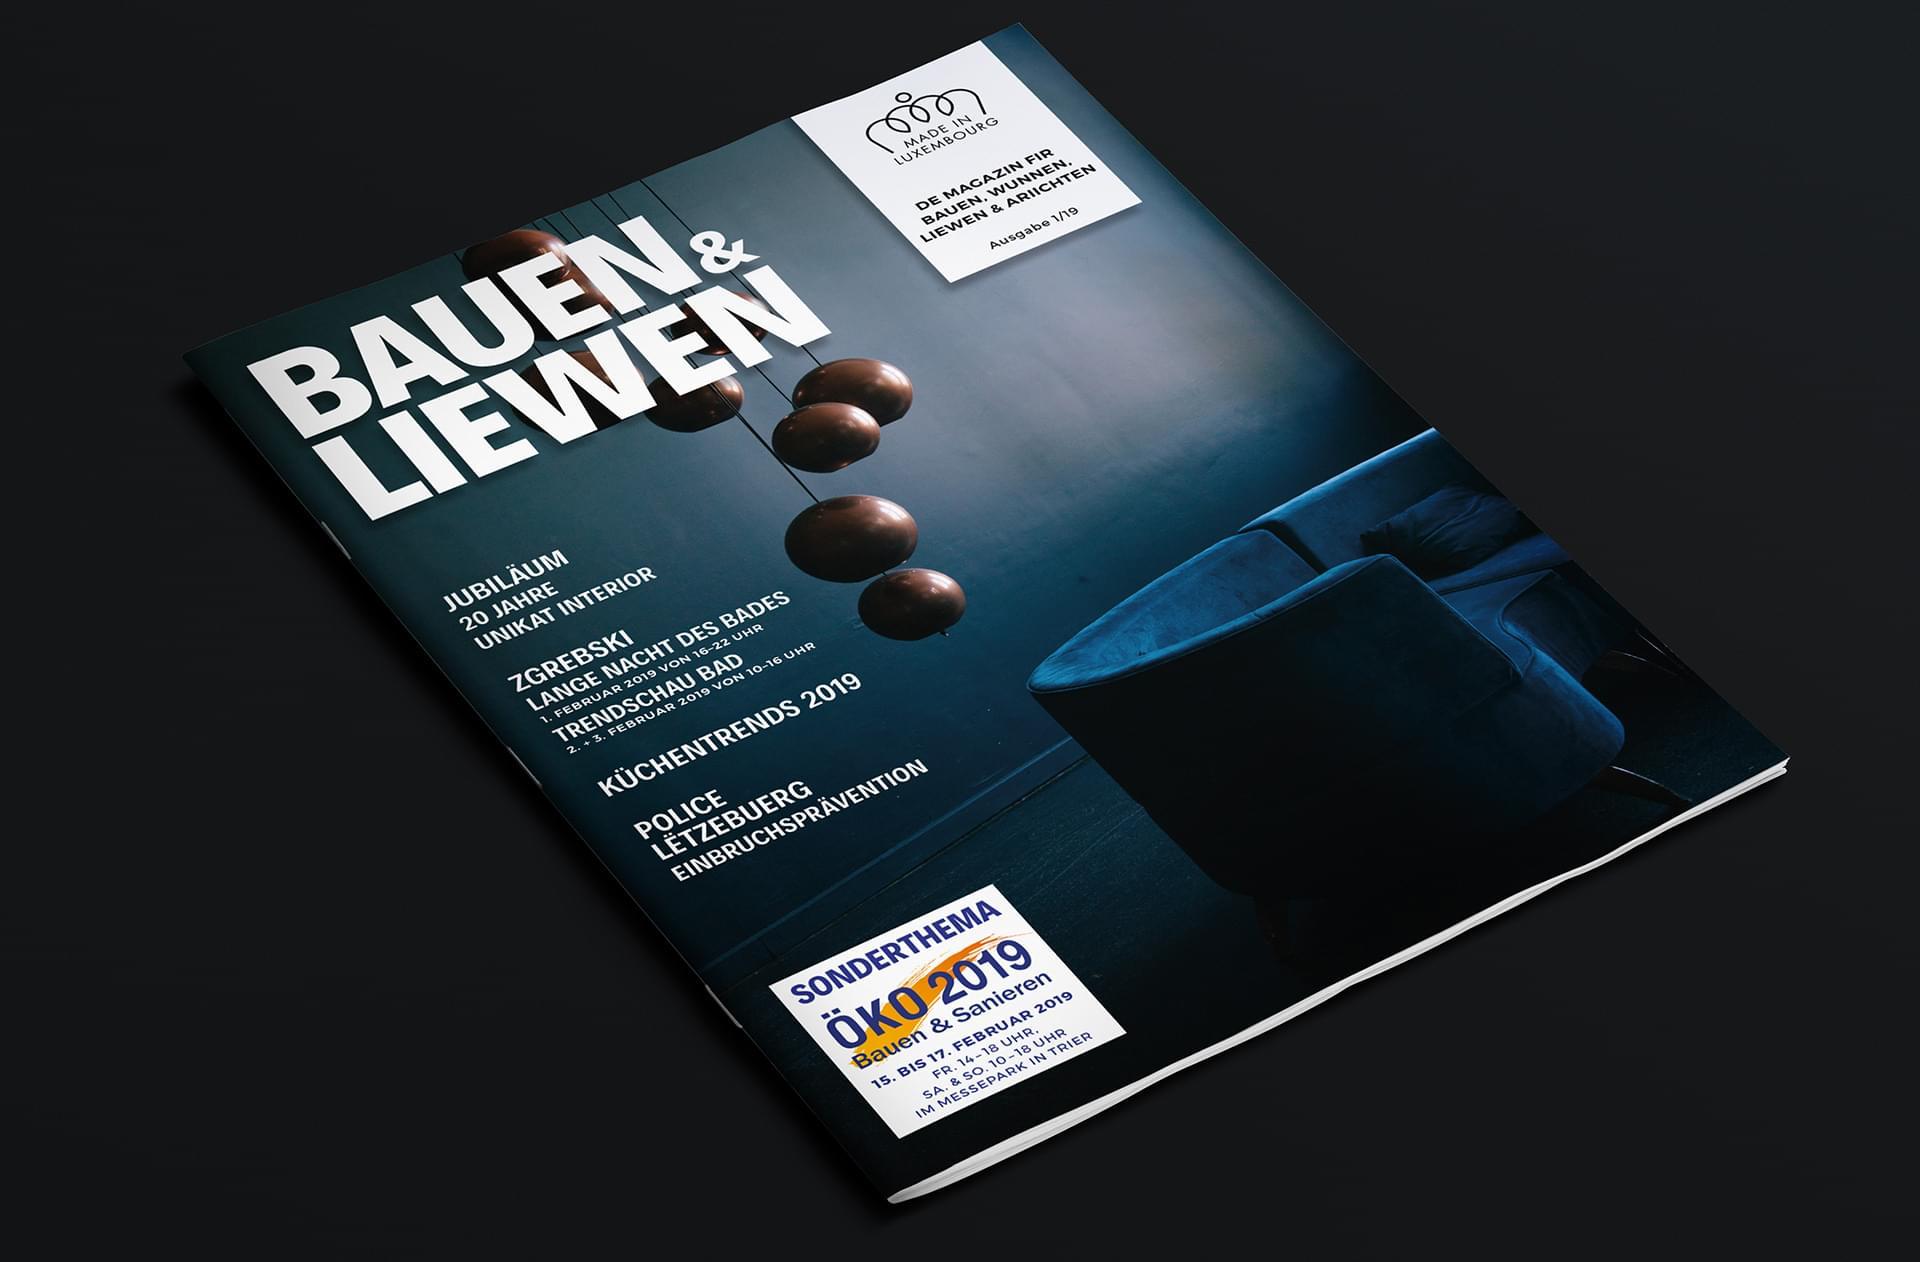 Bauen & Liewen 2/19